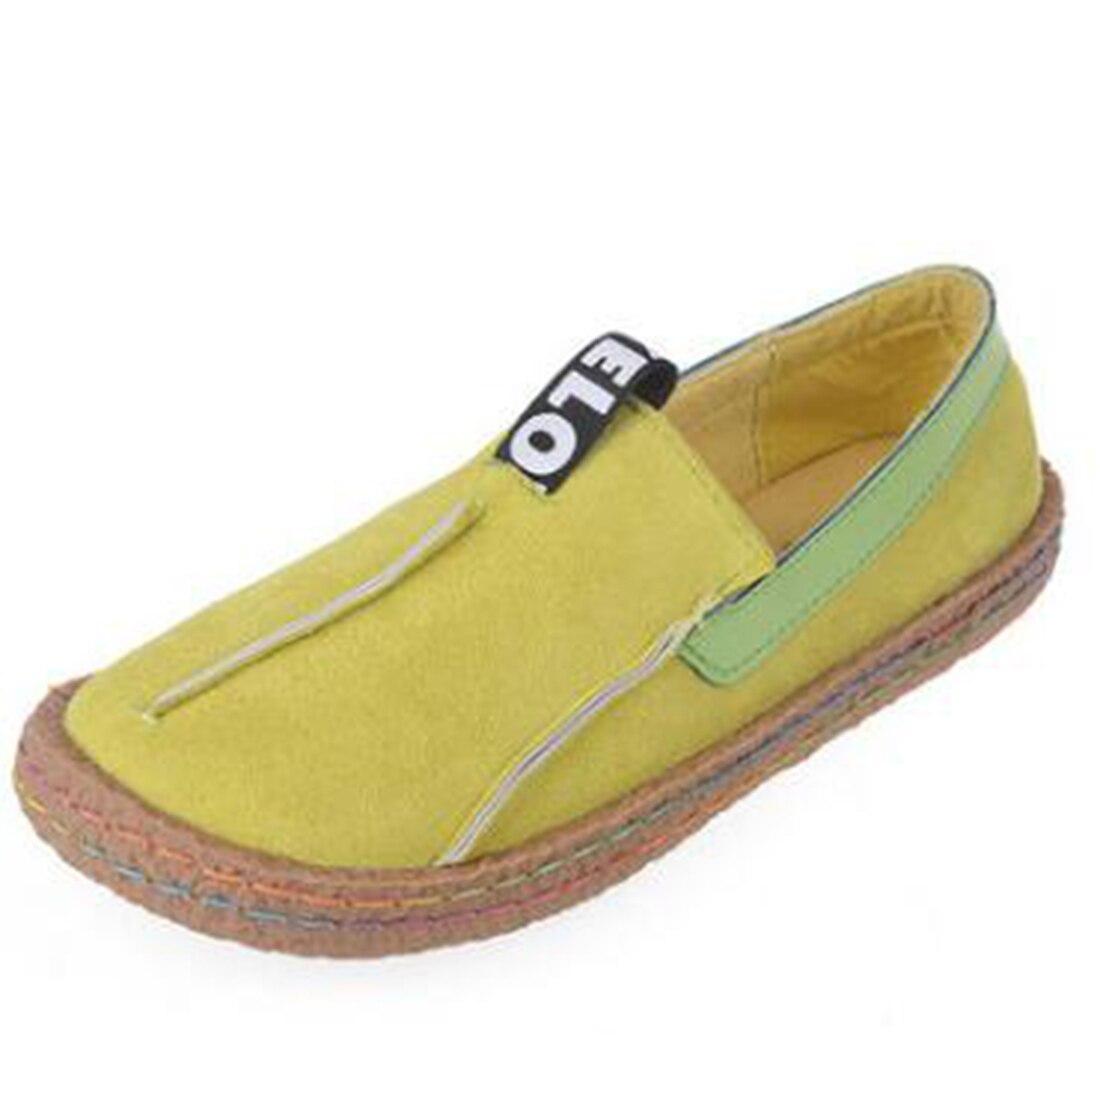 Fashion flat shoes for women